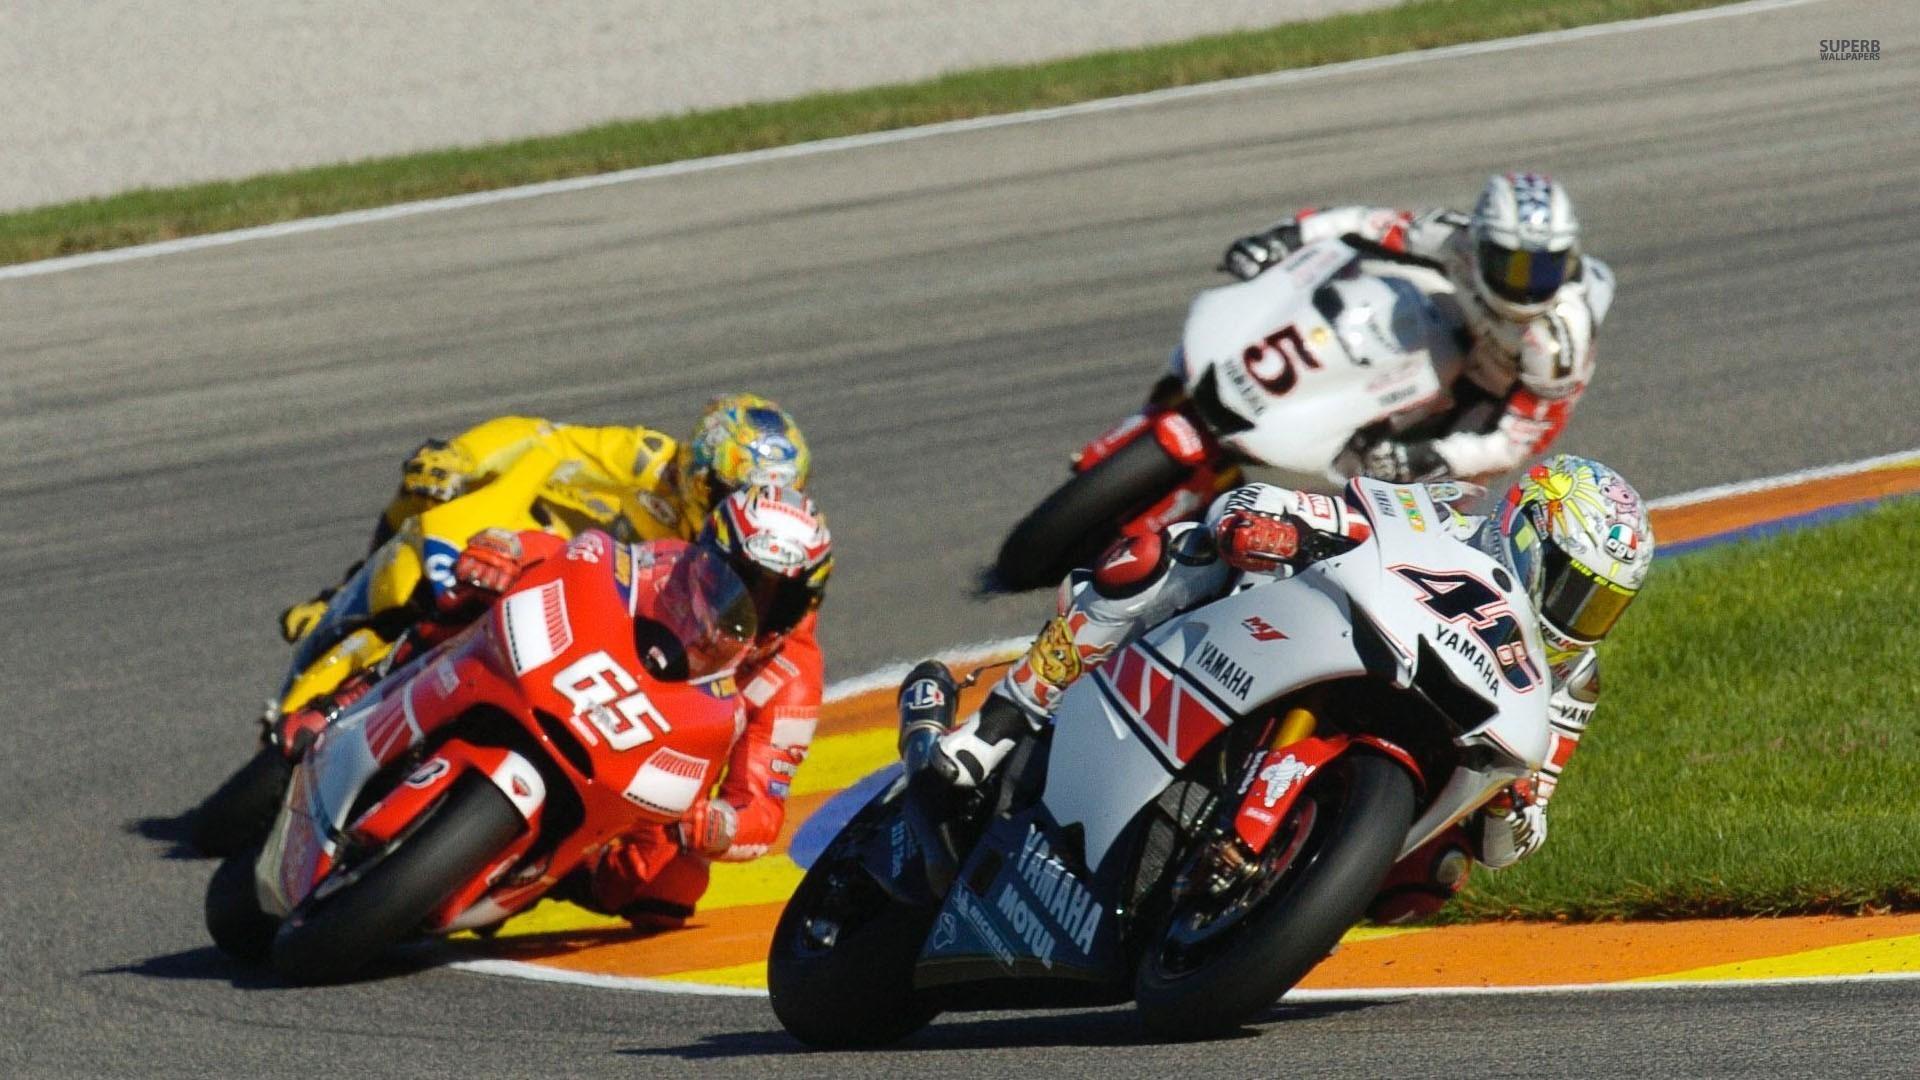 MotoGP wallpaper - Motorcycle wallpapers